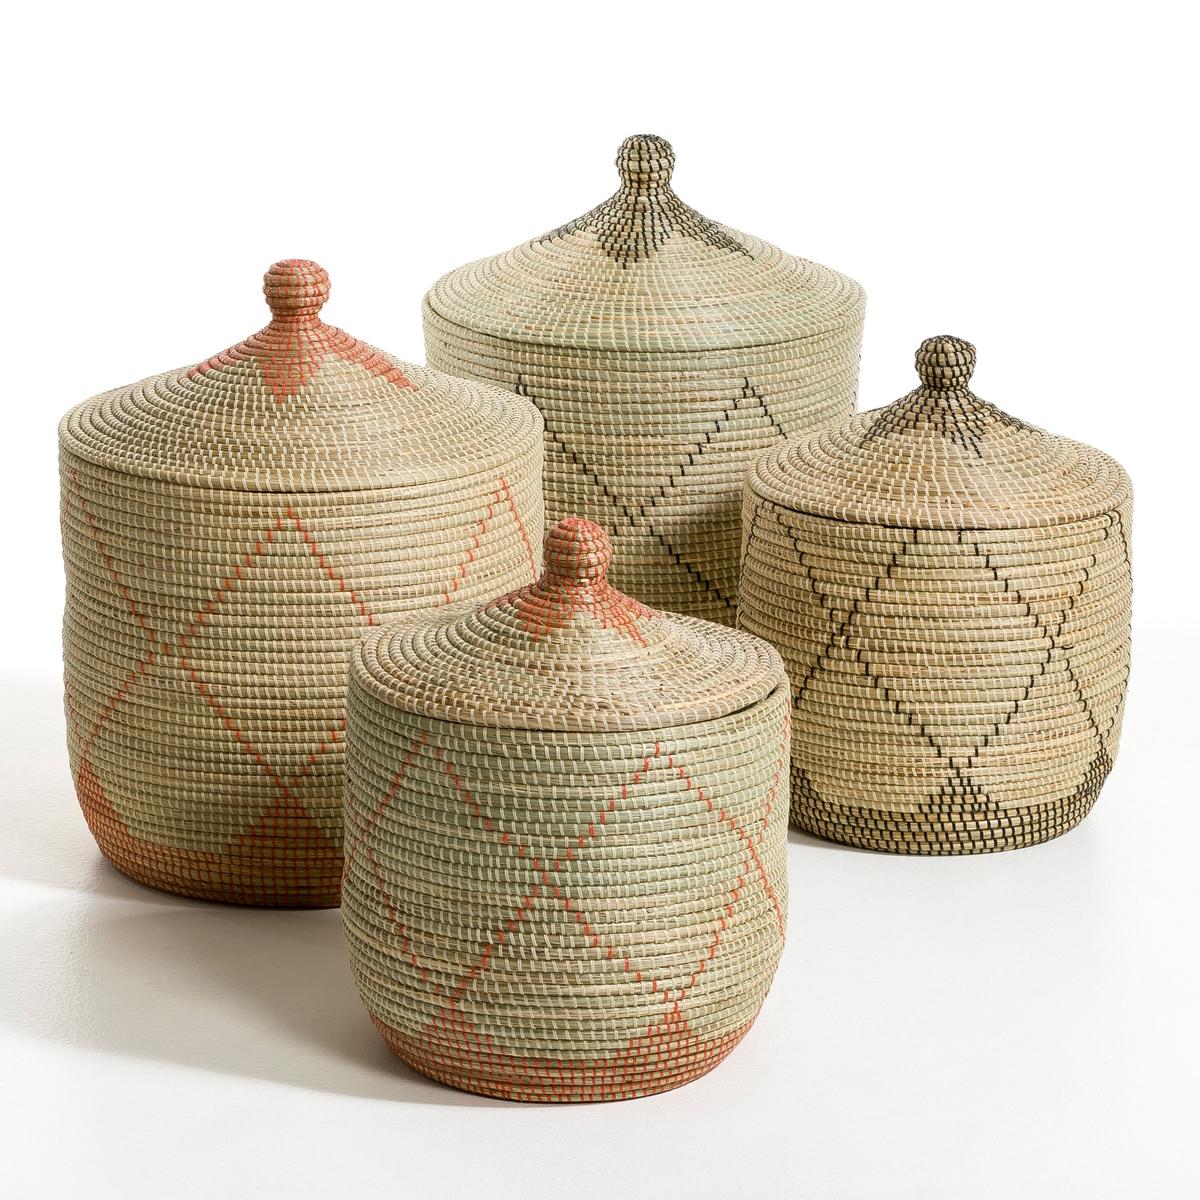 Корзина из рисовой соломы Louna, малая модель, высота 48 см корзина для жарки во фритюре и бланширования fissman диаметр 23 см